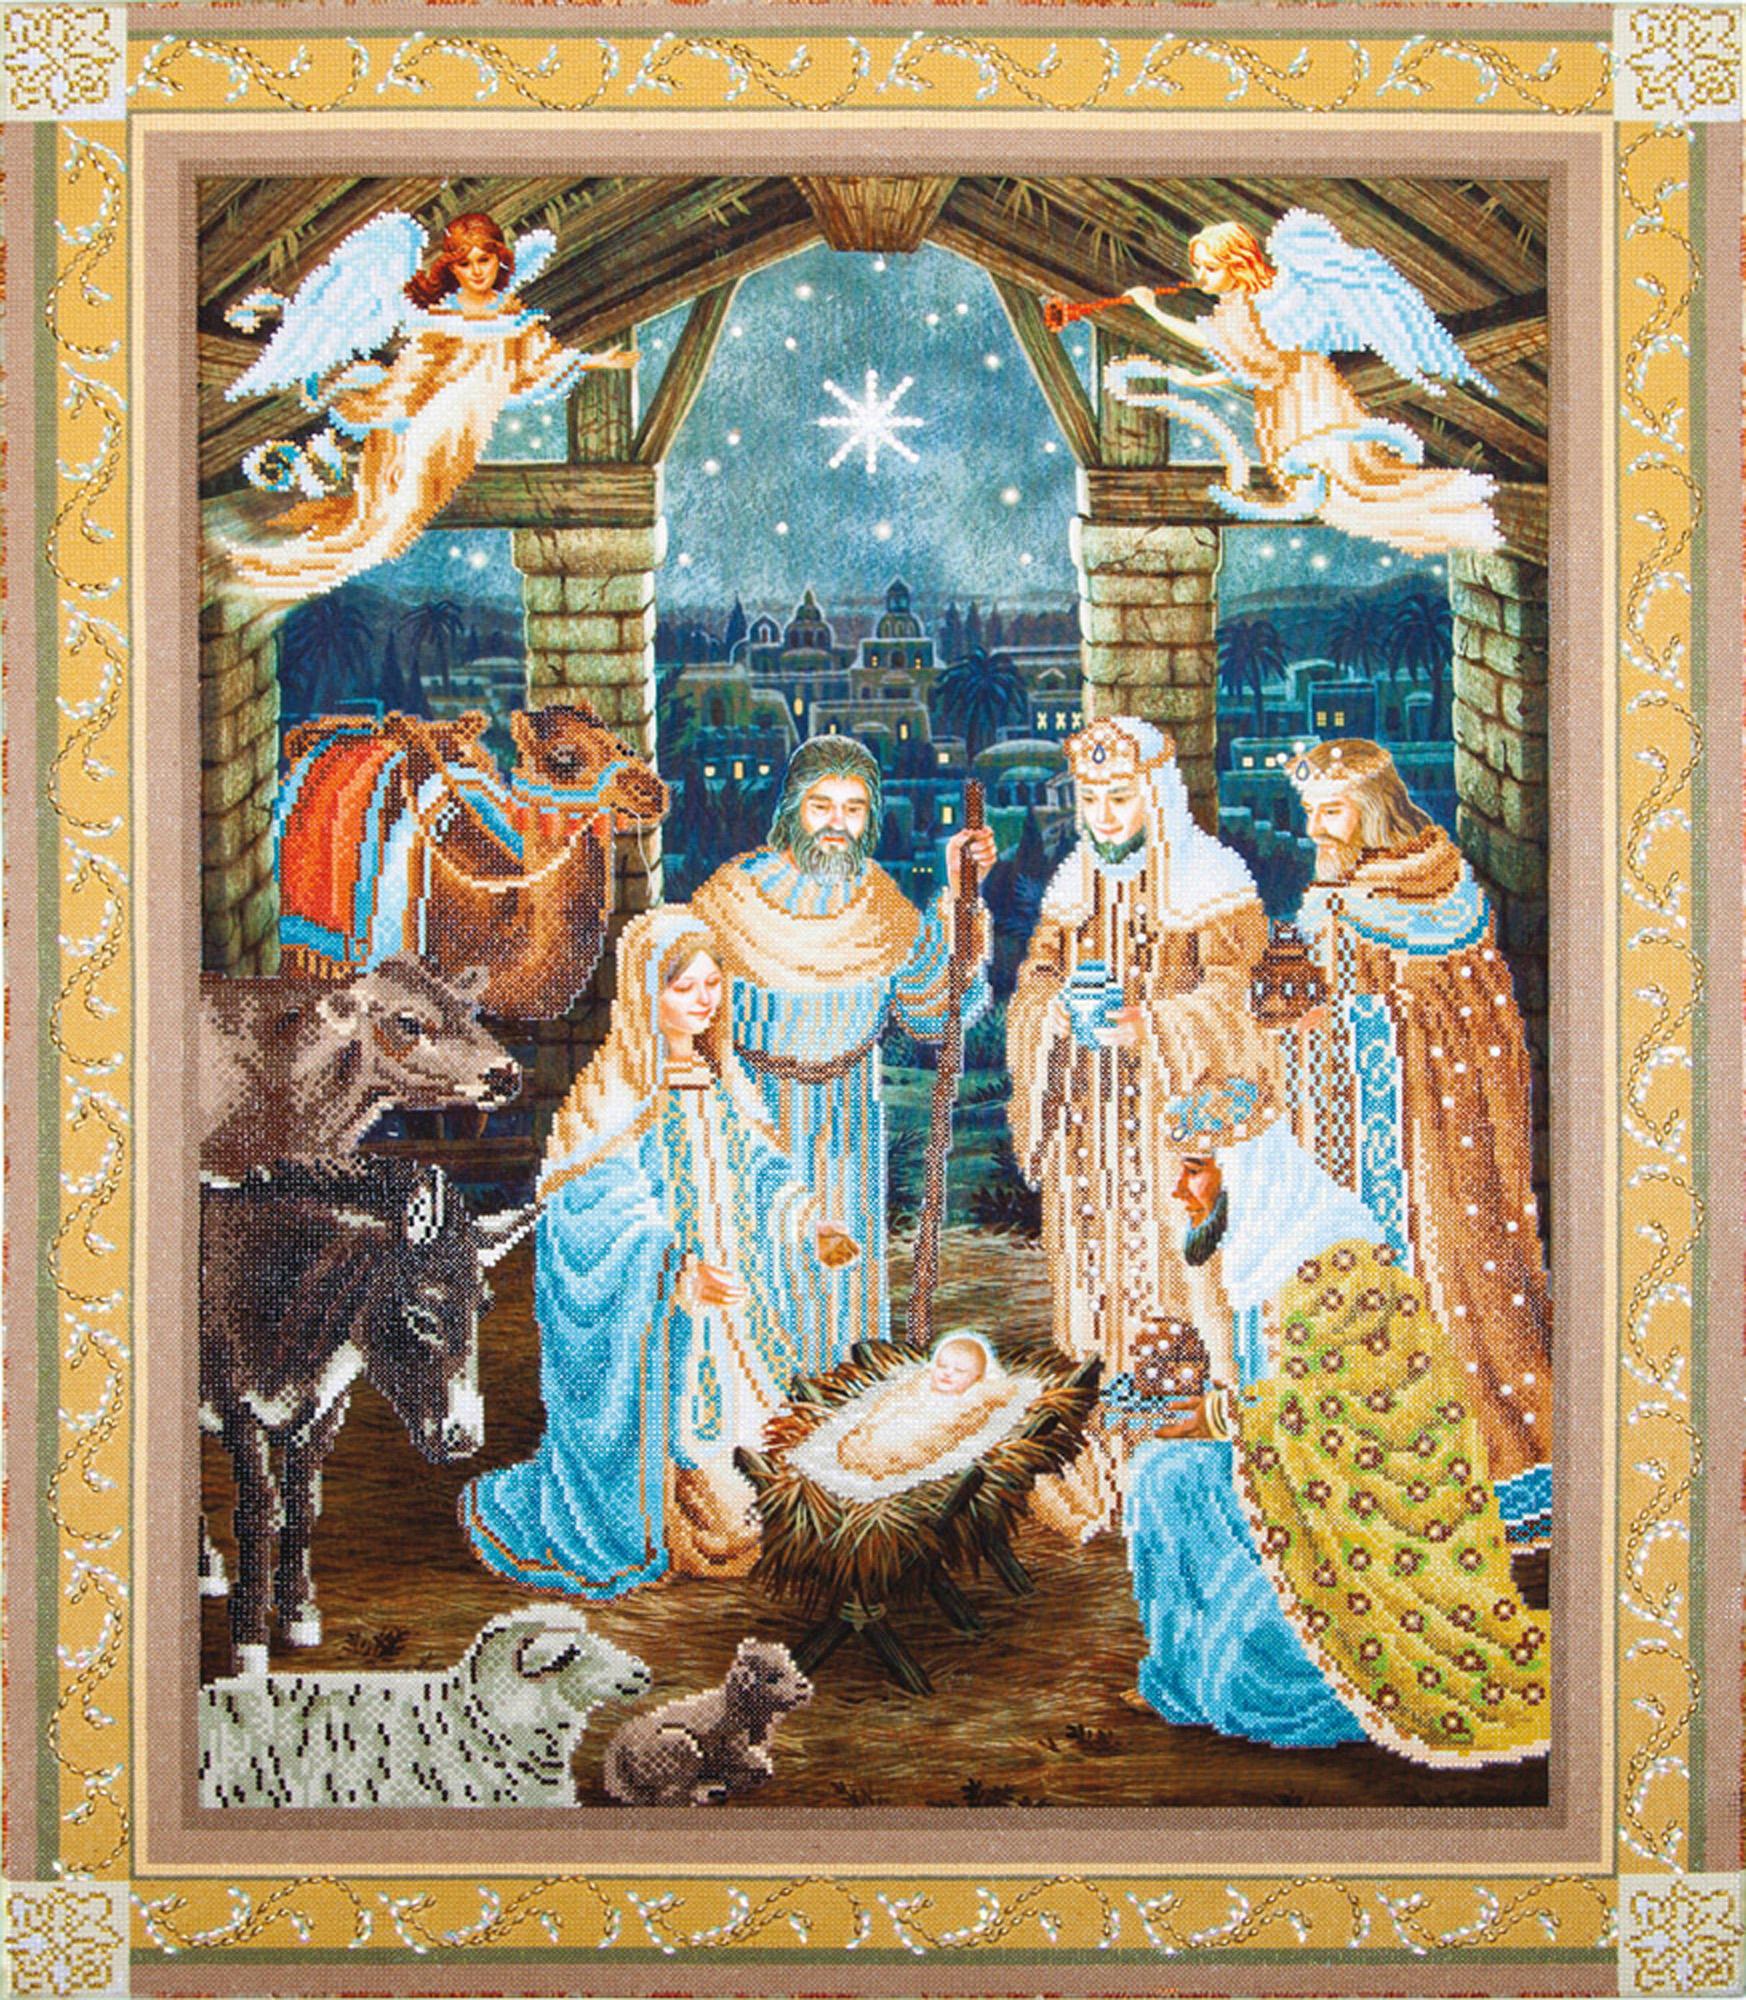 Tablou cu diamante - Nașterea lui Iisus, 100 x 85 cm imagine edituradiana.ro